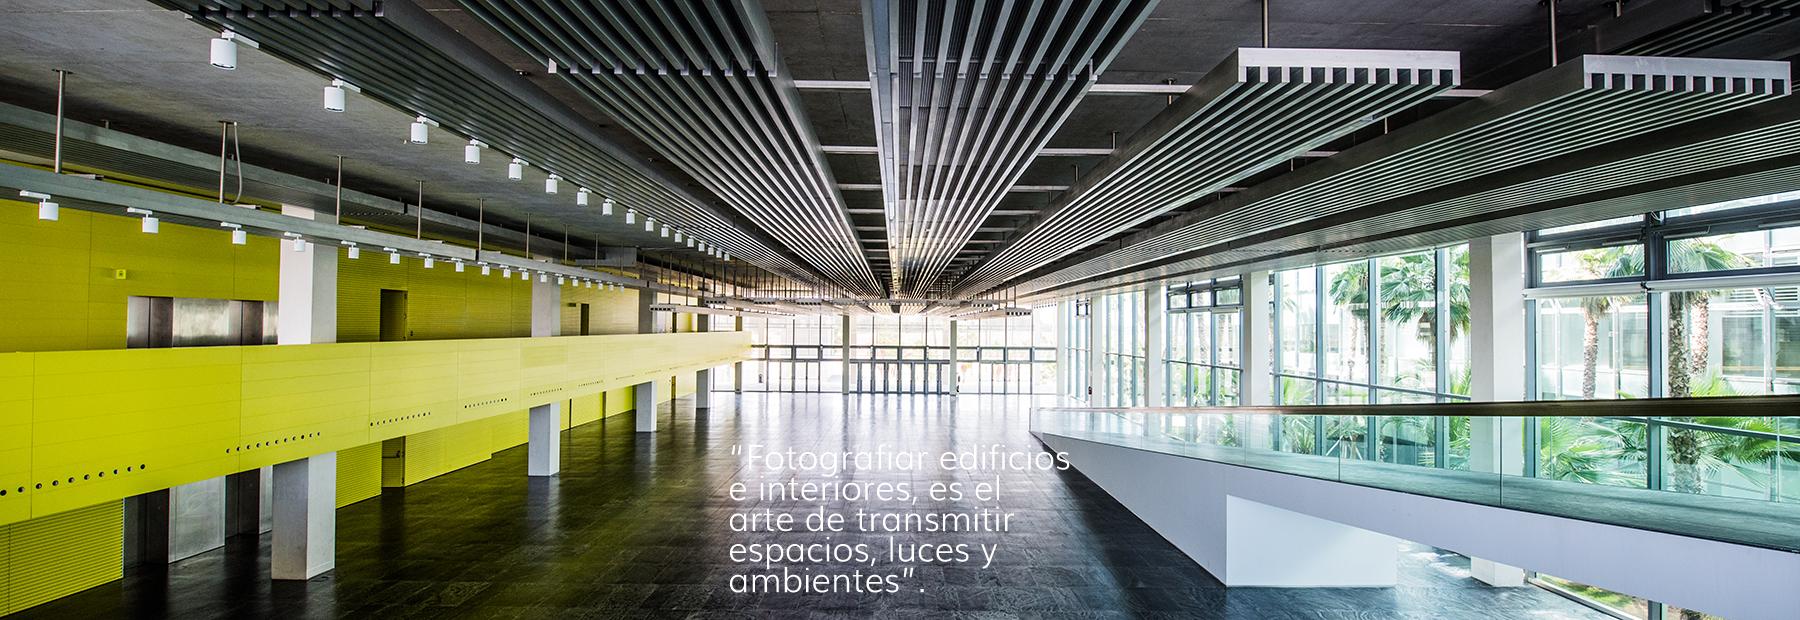 Fotografía  de interiores 2